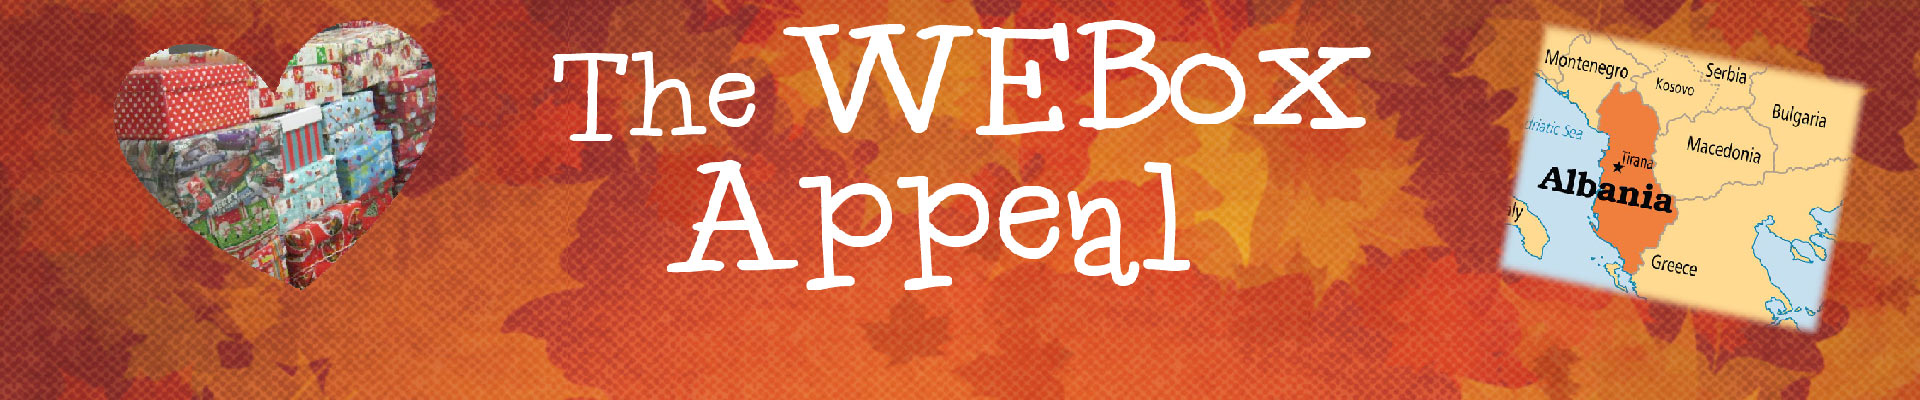 WEBox-slide